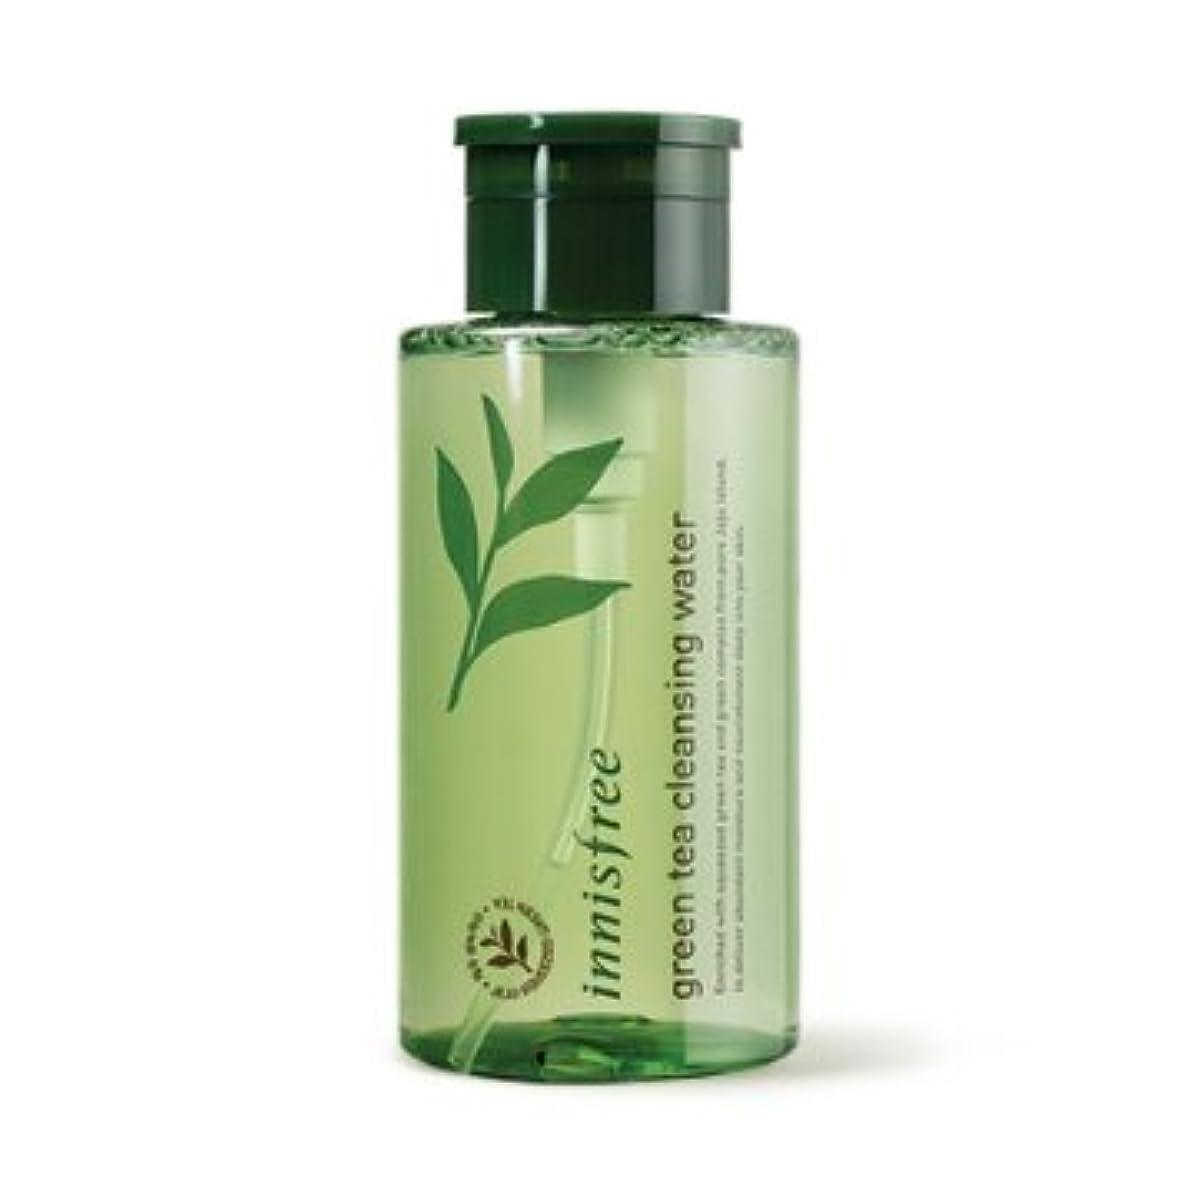 時計回りカタログアシスト【イニスフリー】Innisfree green tea cleansing water - 300ml(300ml (韓国直送品) (SHOPPINGINSTAGRAM)